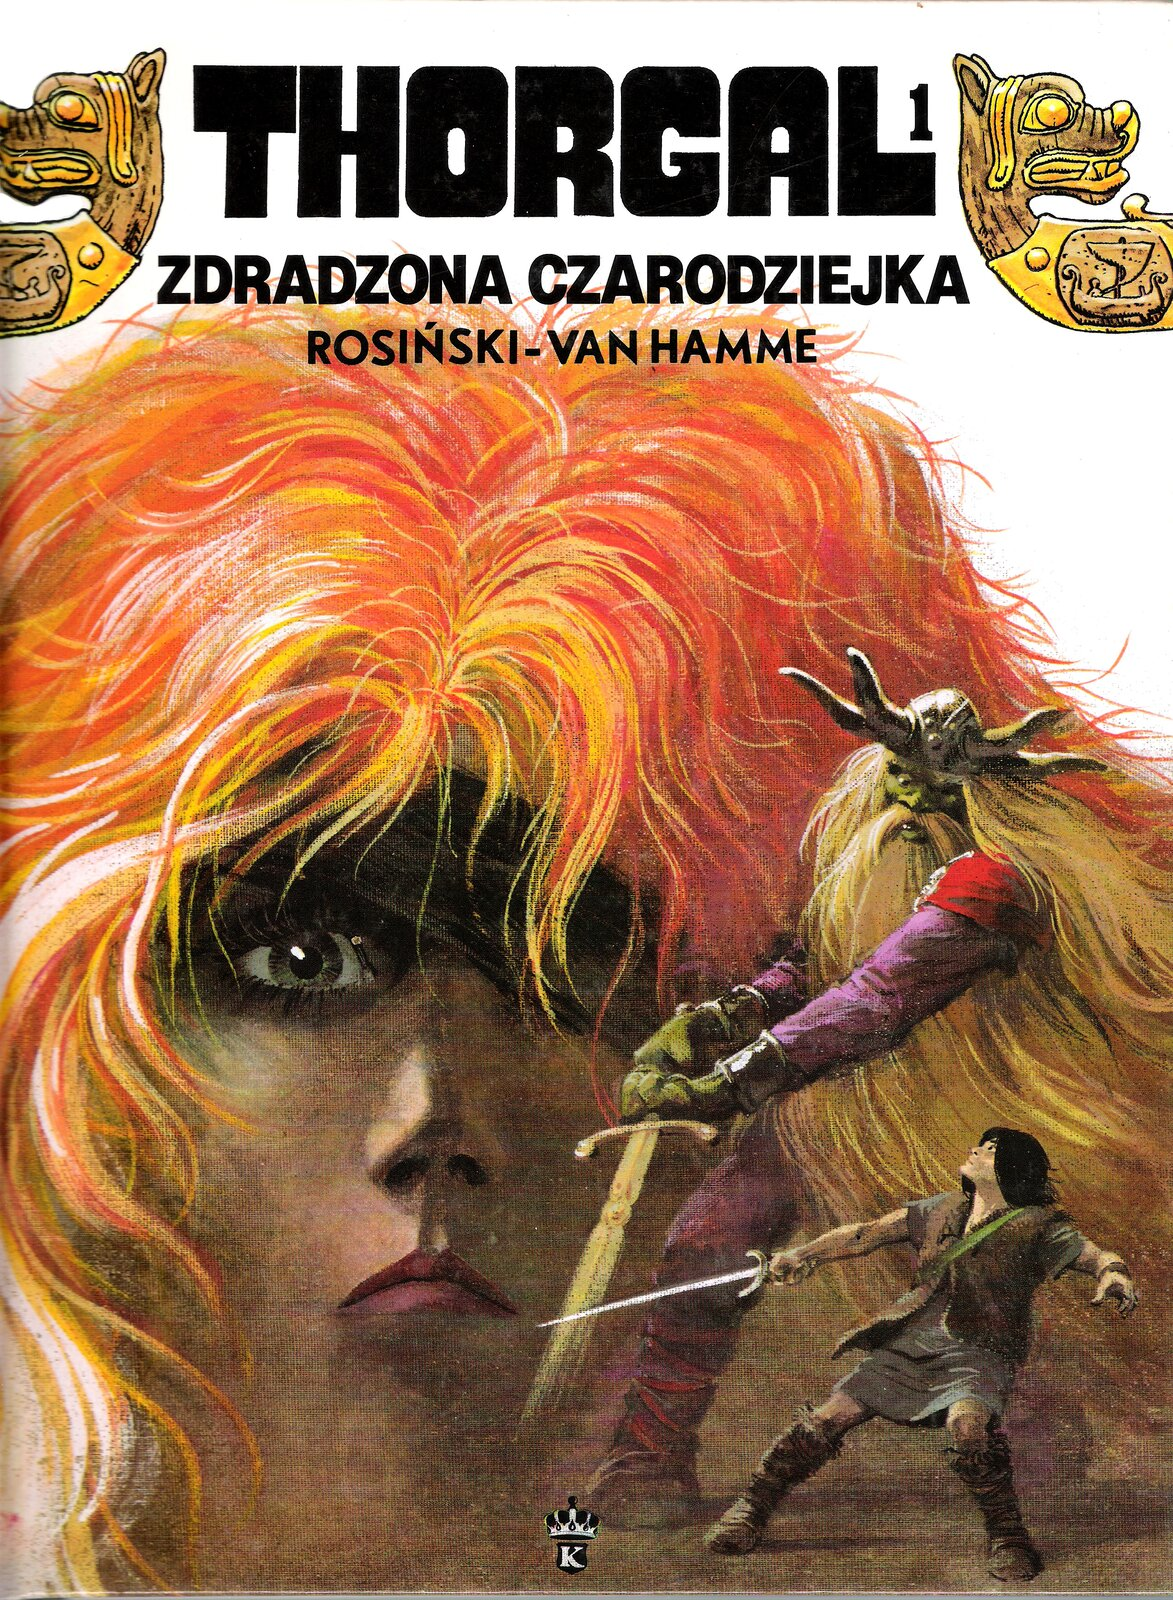 """Ilustracja przedstawia okładkę komiksu Jeana Vana Hamme'a """"Thorgal. Zdradzona czarodziejka"""", zaprojektowaną przez Grzegorza Rosińskiego. Okładka przedstawia twarz rudowłosej dziewczyny idwie mniejsze, walczące zsobą na miecze postacie. Udołu znajduje się czarnowłosy wojownik zmieczem wprawej dłoni. Głowę ma podniesioną na większego od siebie wikinga ozielonej twarzy iubranego whełm zrogami. Wiking trzyma swój miecz oburącz. Ma długie włosy ibrodę do pasa. Groźnym wzrokiem spogląda na przeciwnika. Wgórnej części okładki znajduje się tytuł inazwisko autora. Po bokach napisy dekorowane są głowami smoków."""